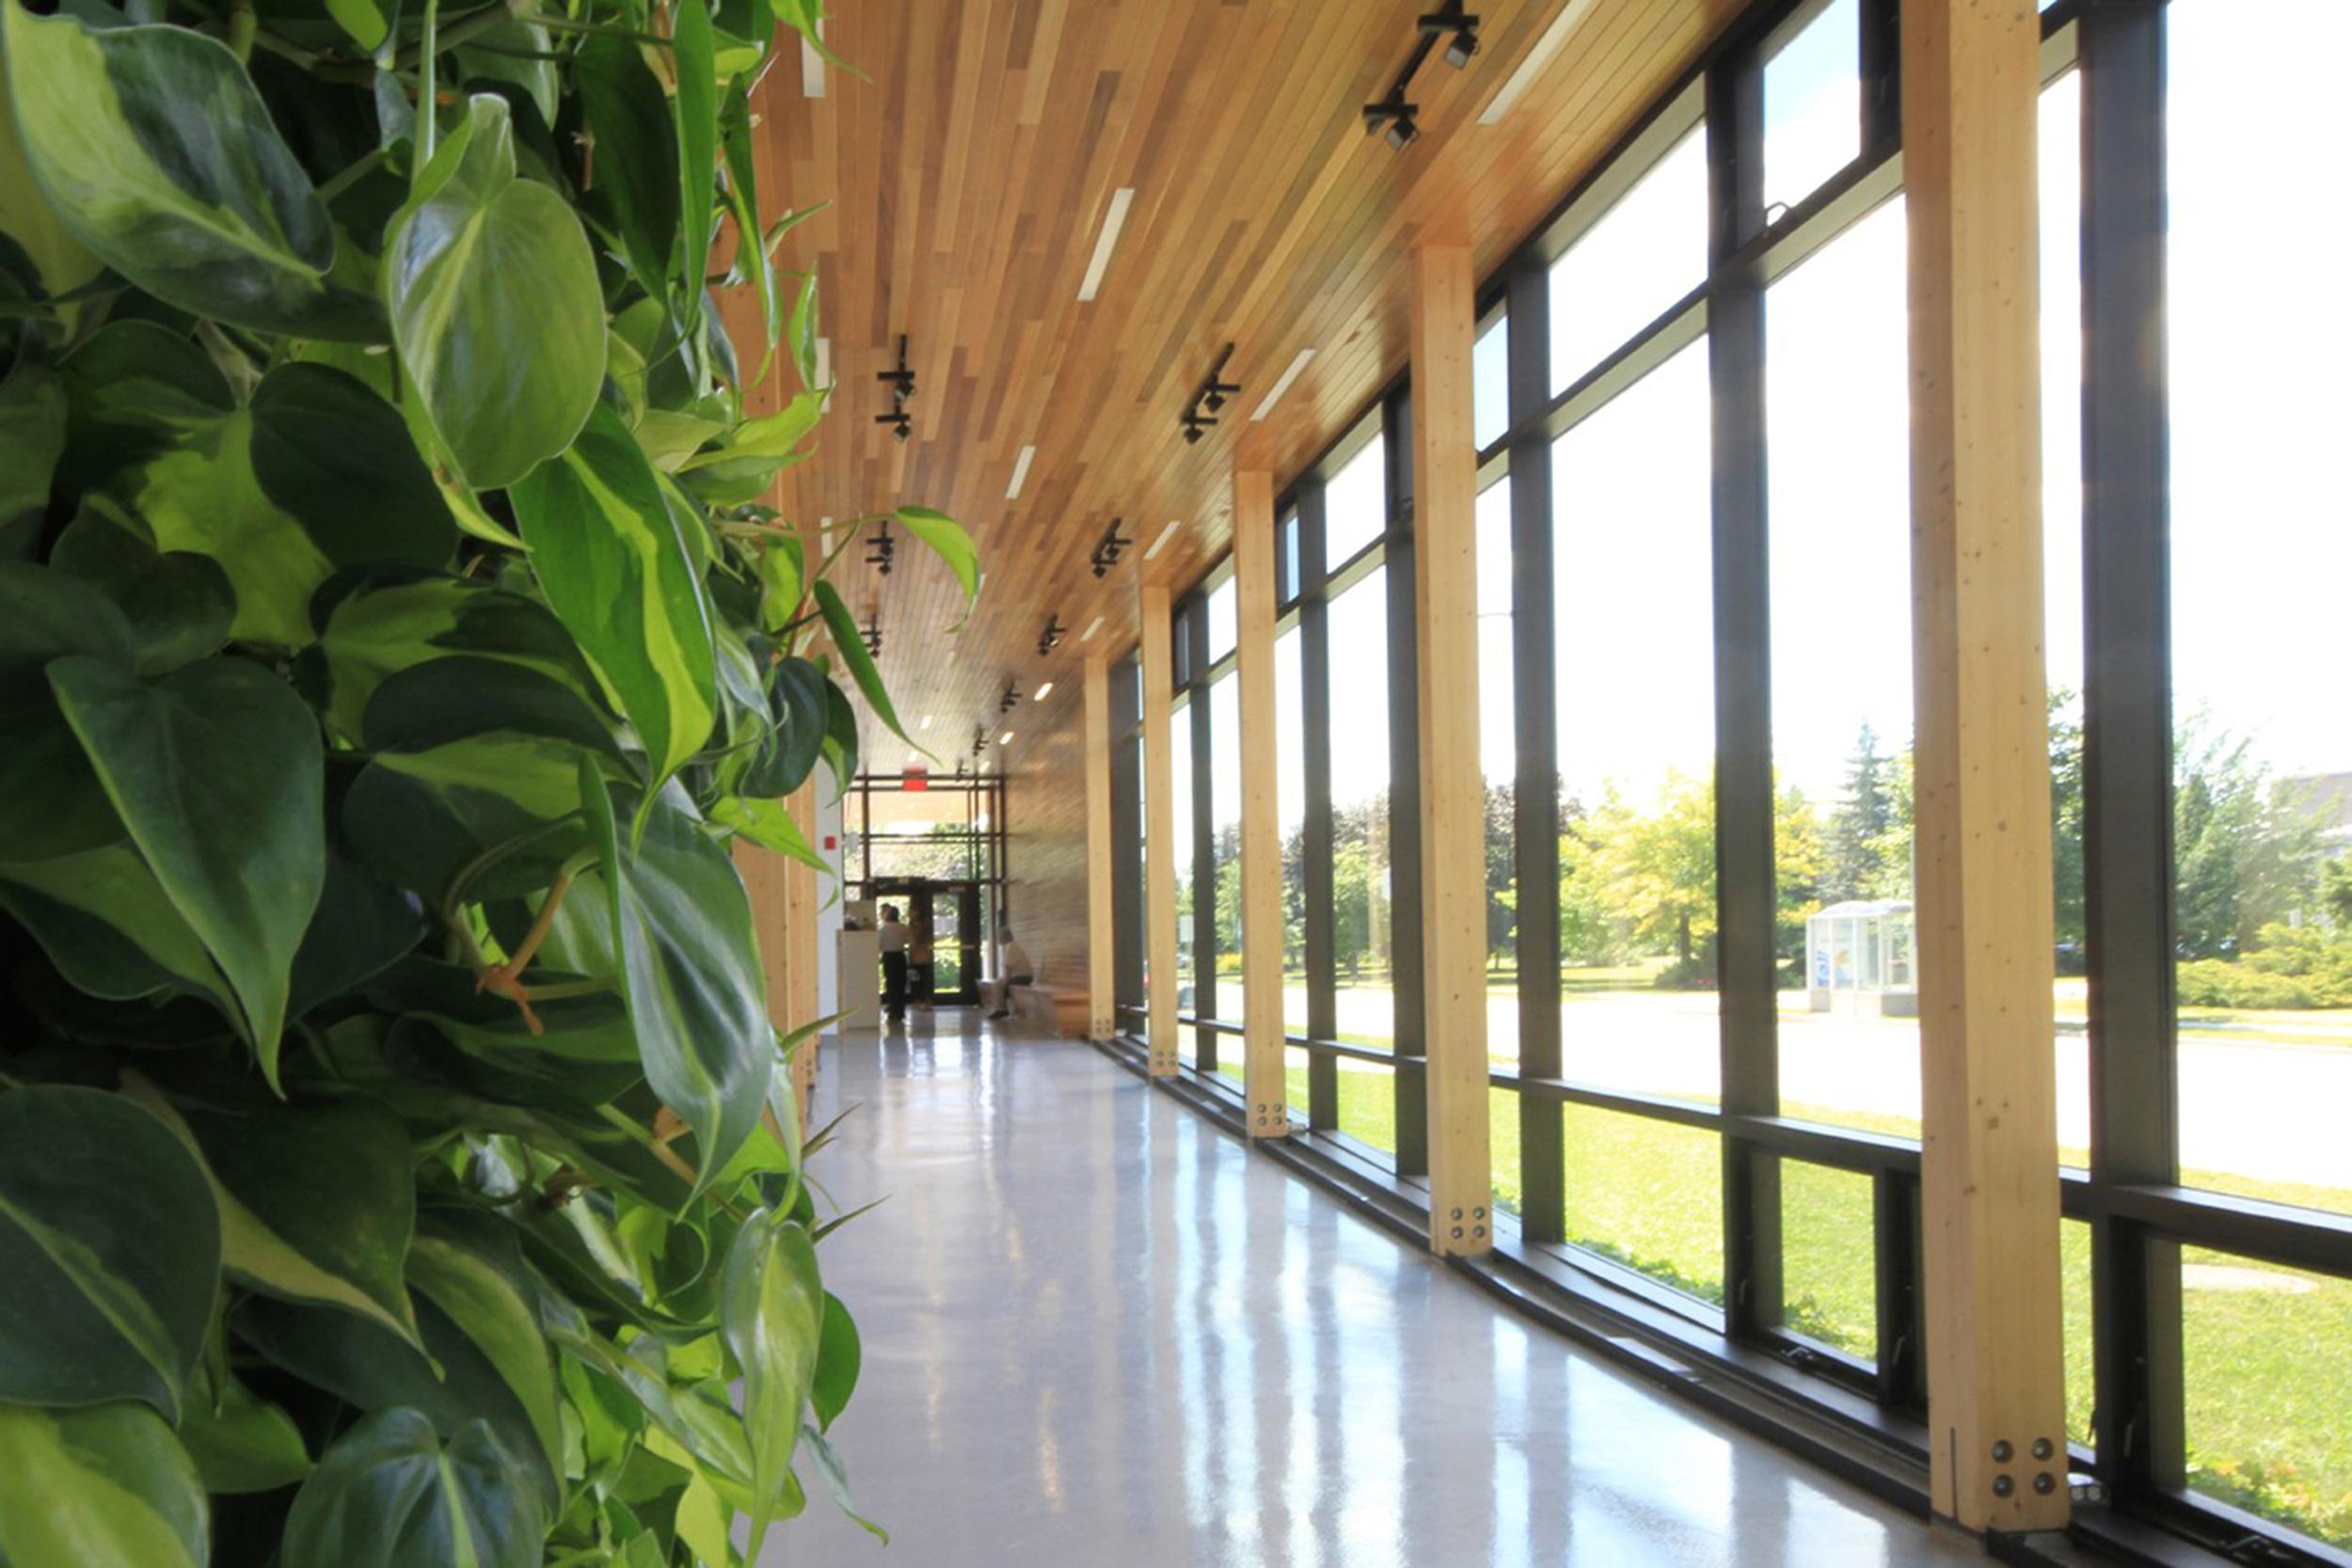 Pavillon horticole écoresponsable – ITA Campus de St-Hyacinthe Cecobois 3